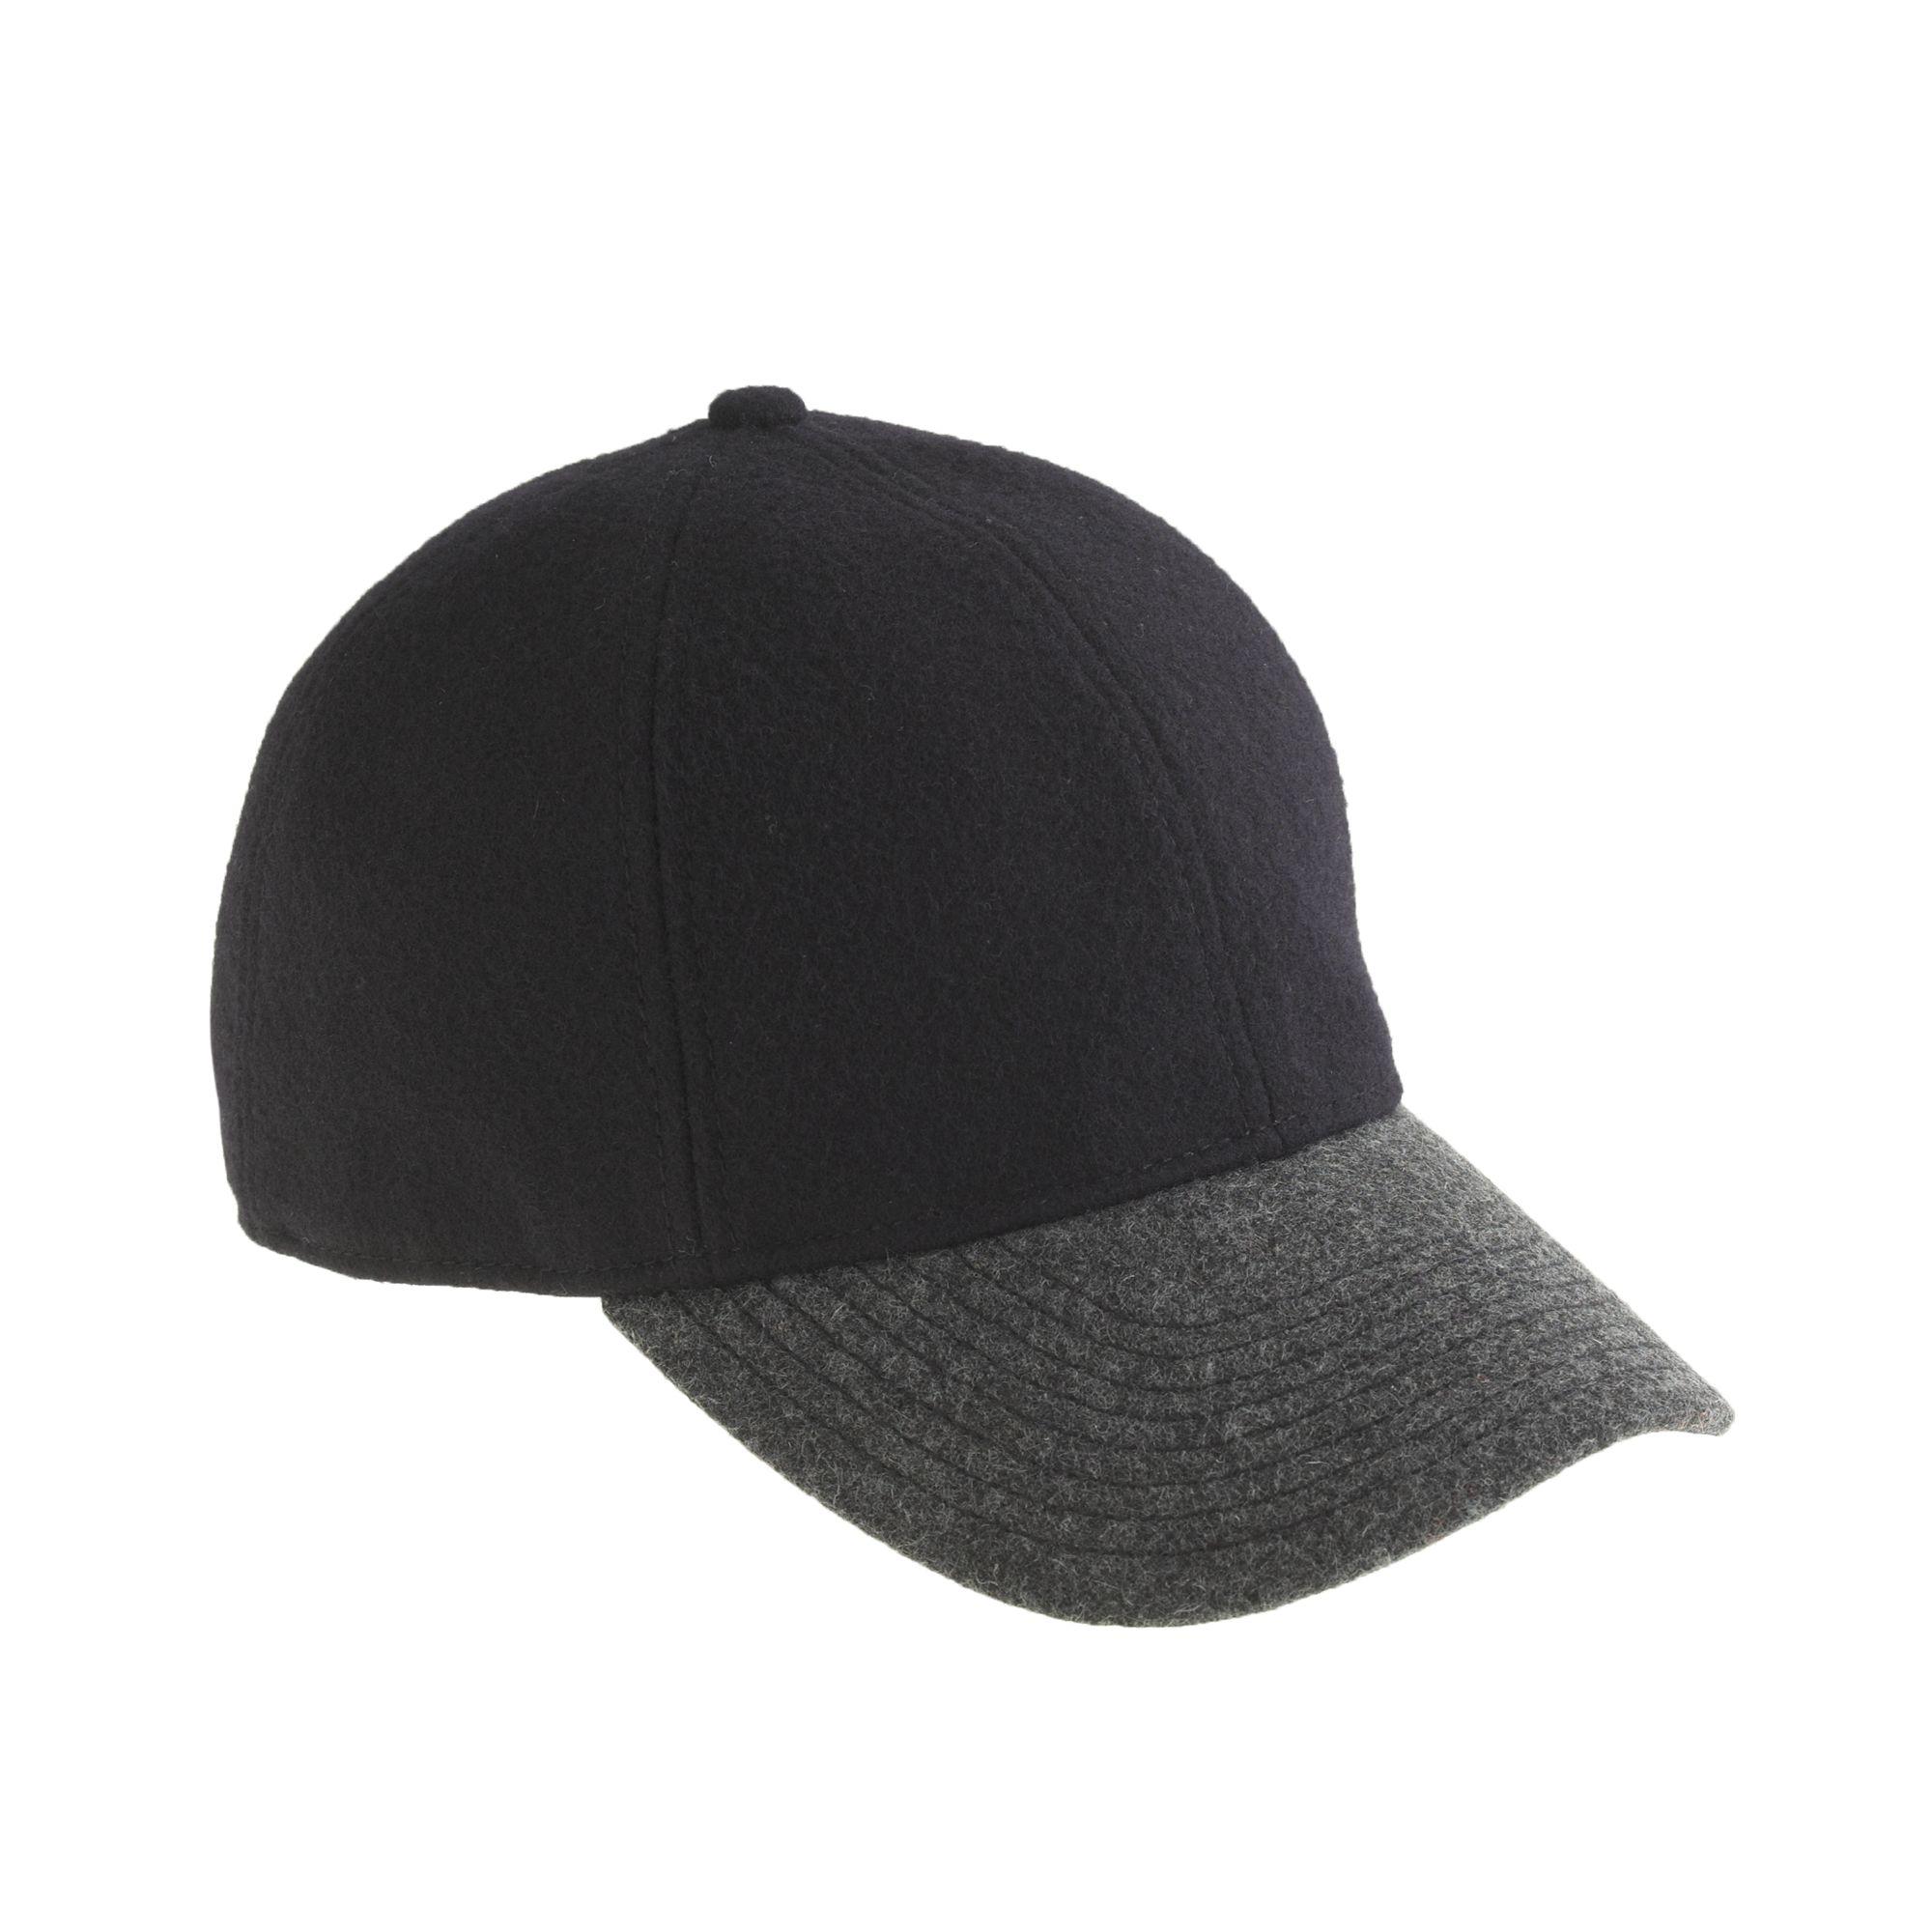 j crew colorblock wool baseball cap in black black